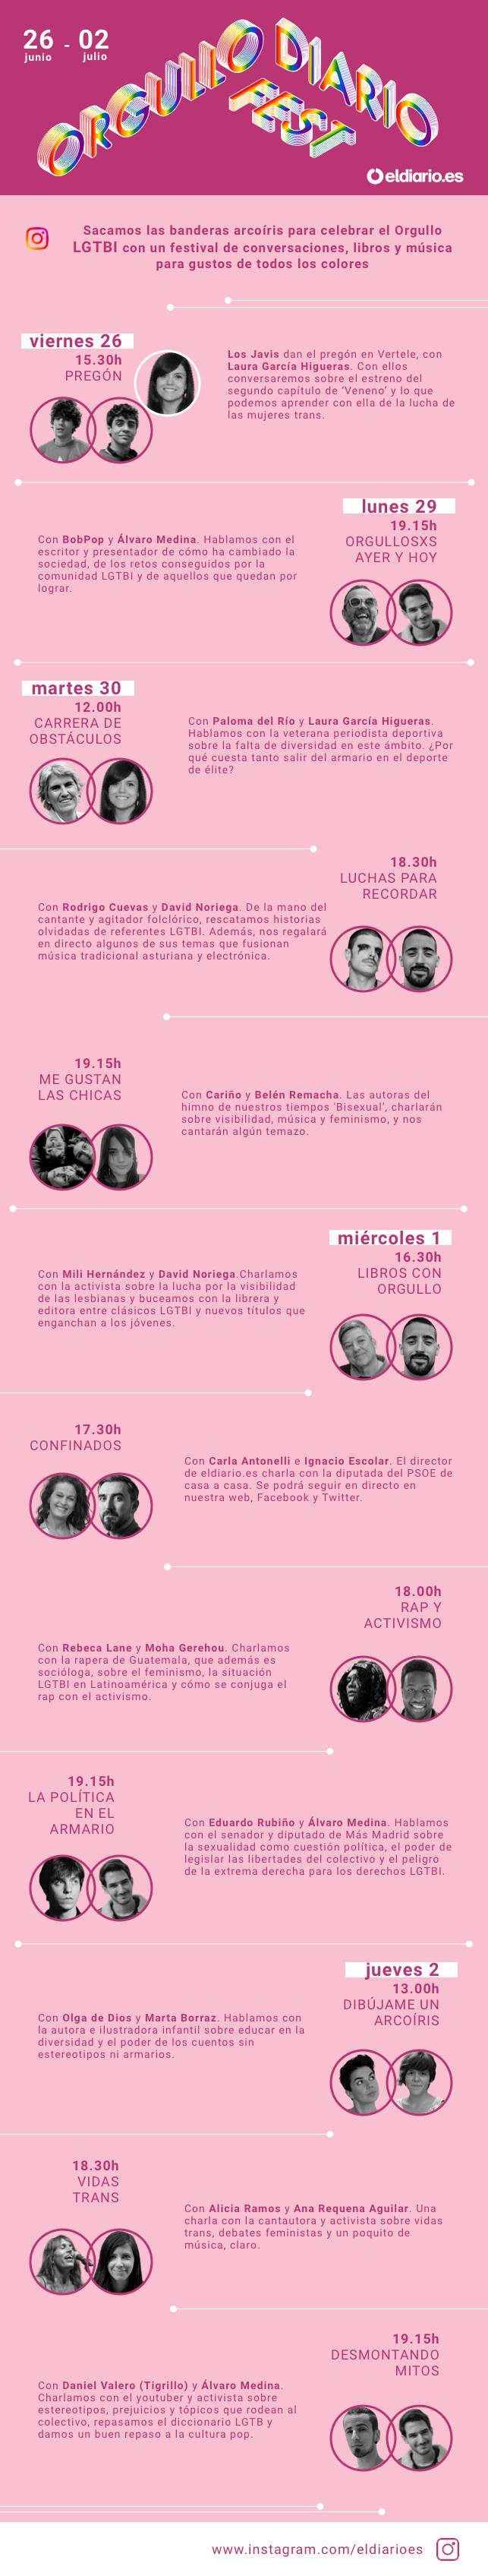 'Orgullo Diario Fest': el festival de charlas, música y activismo del Orgullo LGTBI 2020 de eldiario.es